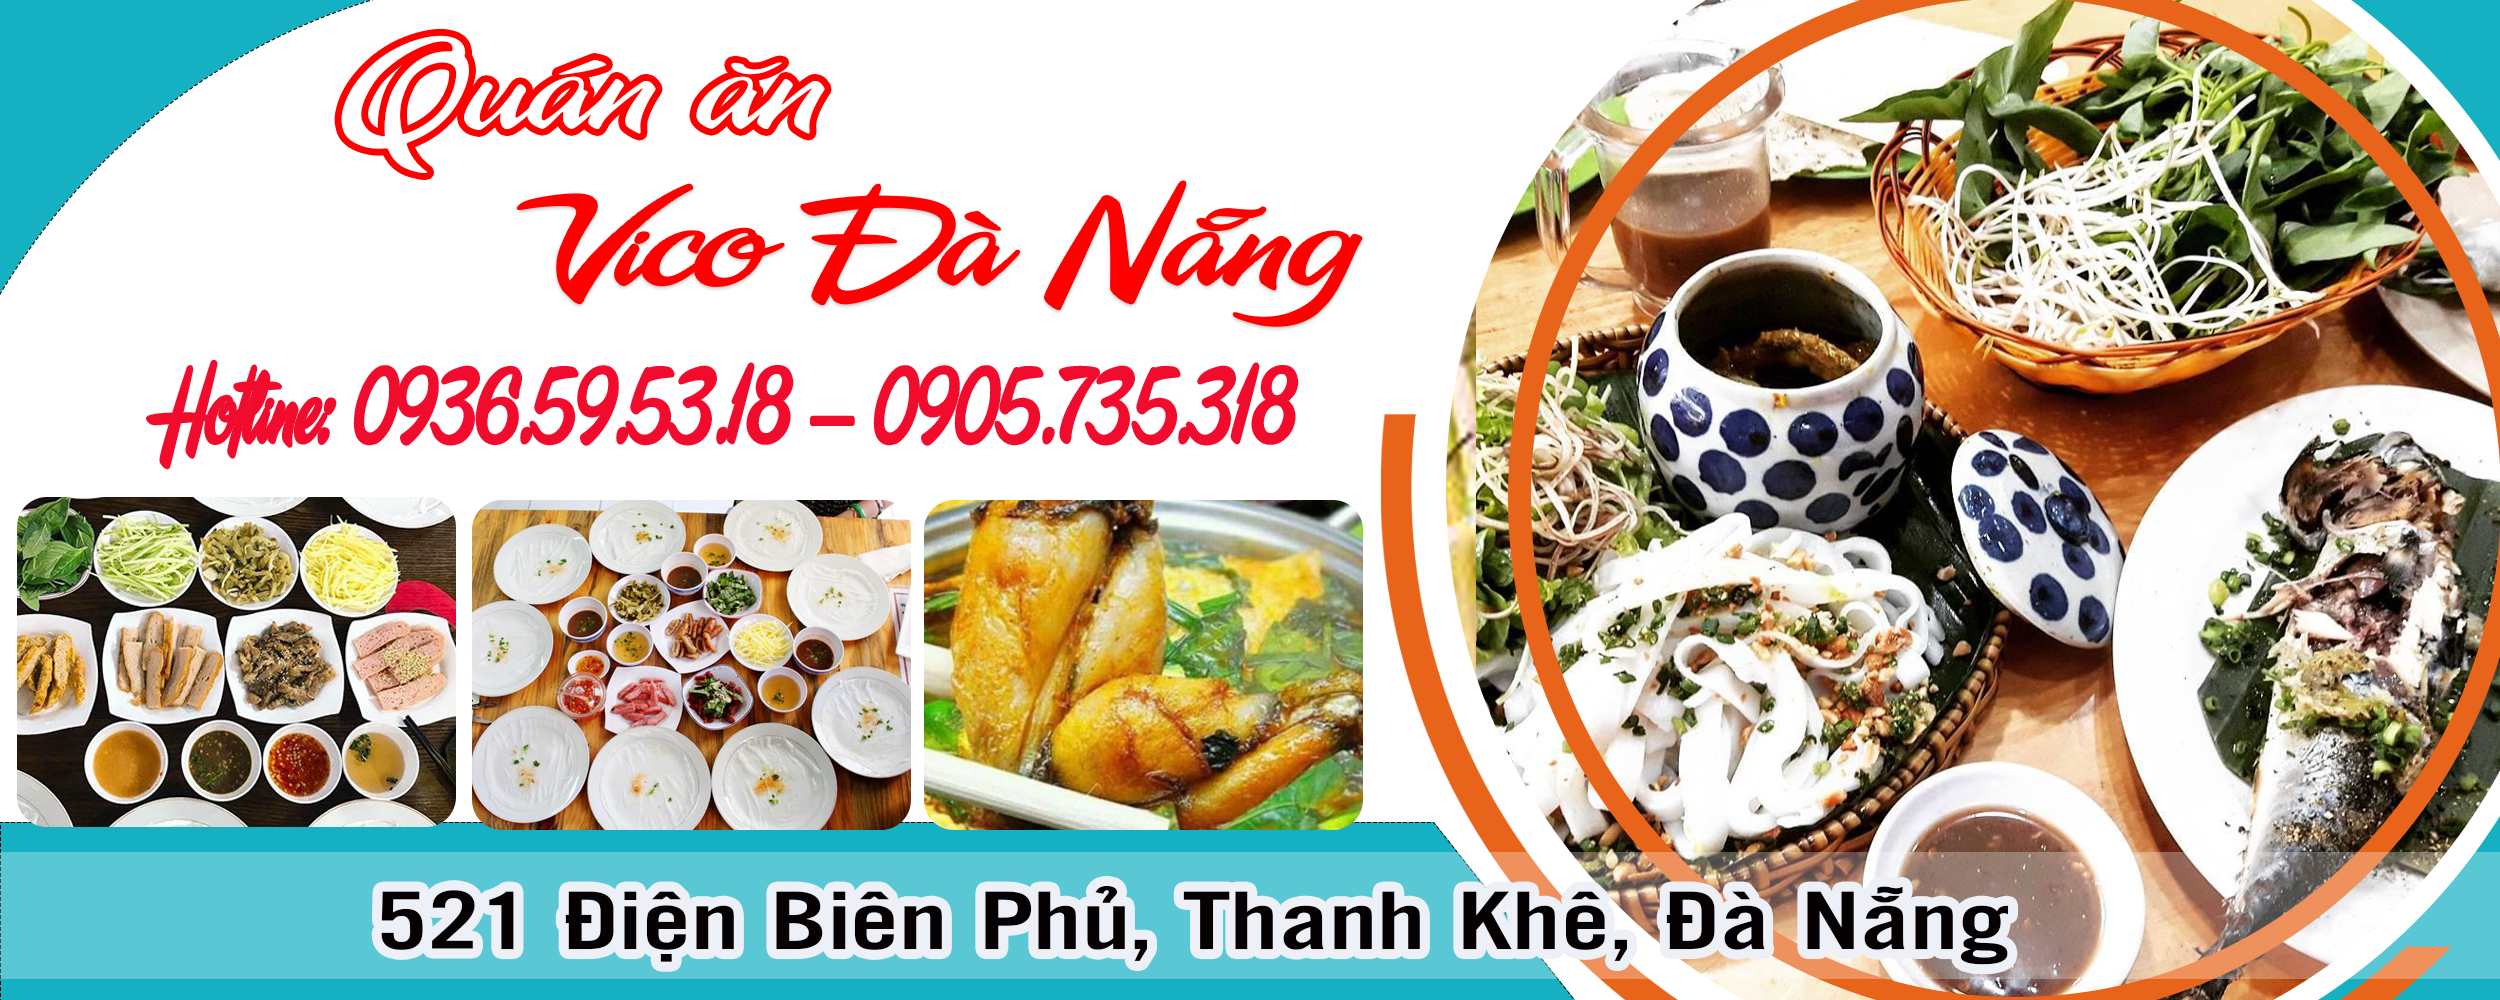 banh-uot-chong-dia-vico-banner